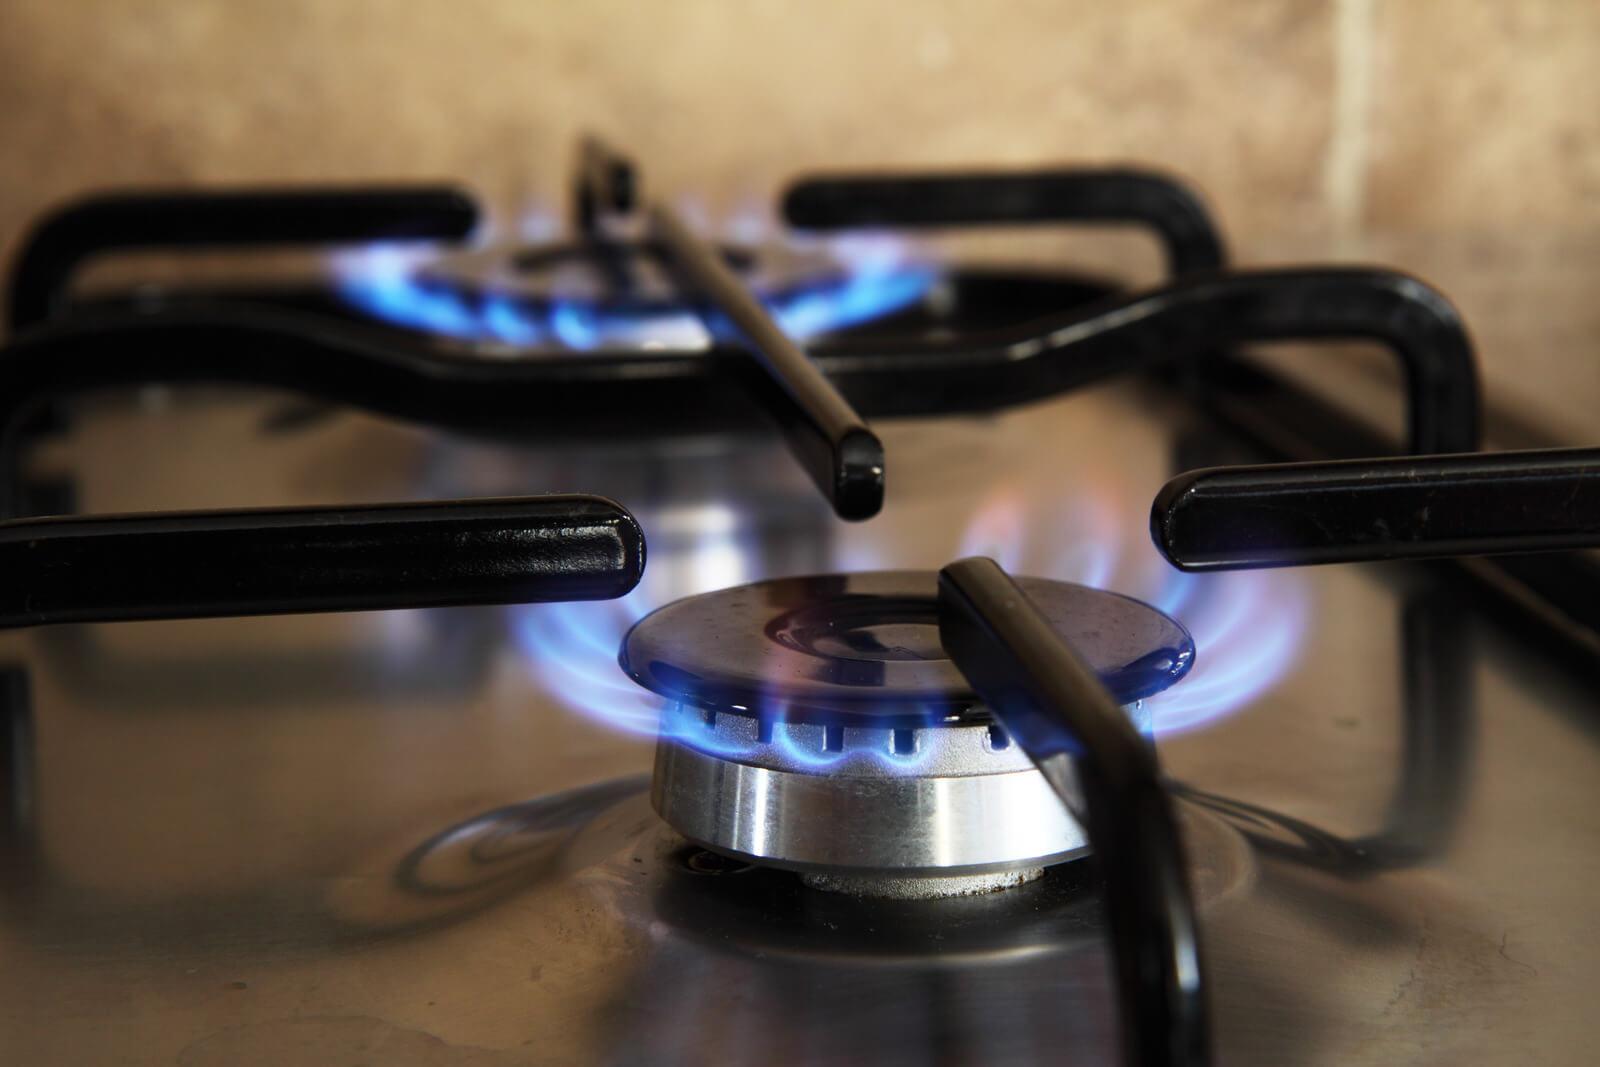 canva a cooking stove turned on MADQ5GHfm0M ¿Por qué no enciende mi cocina de gas?